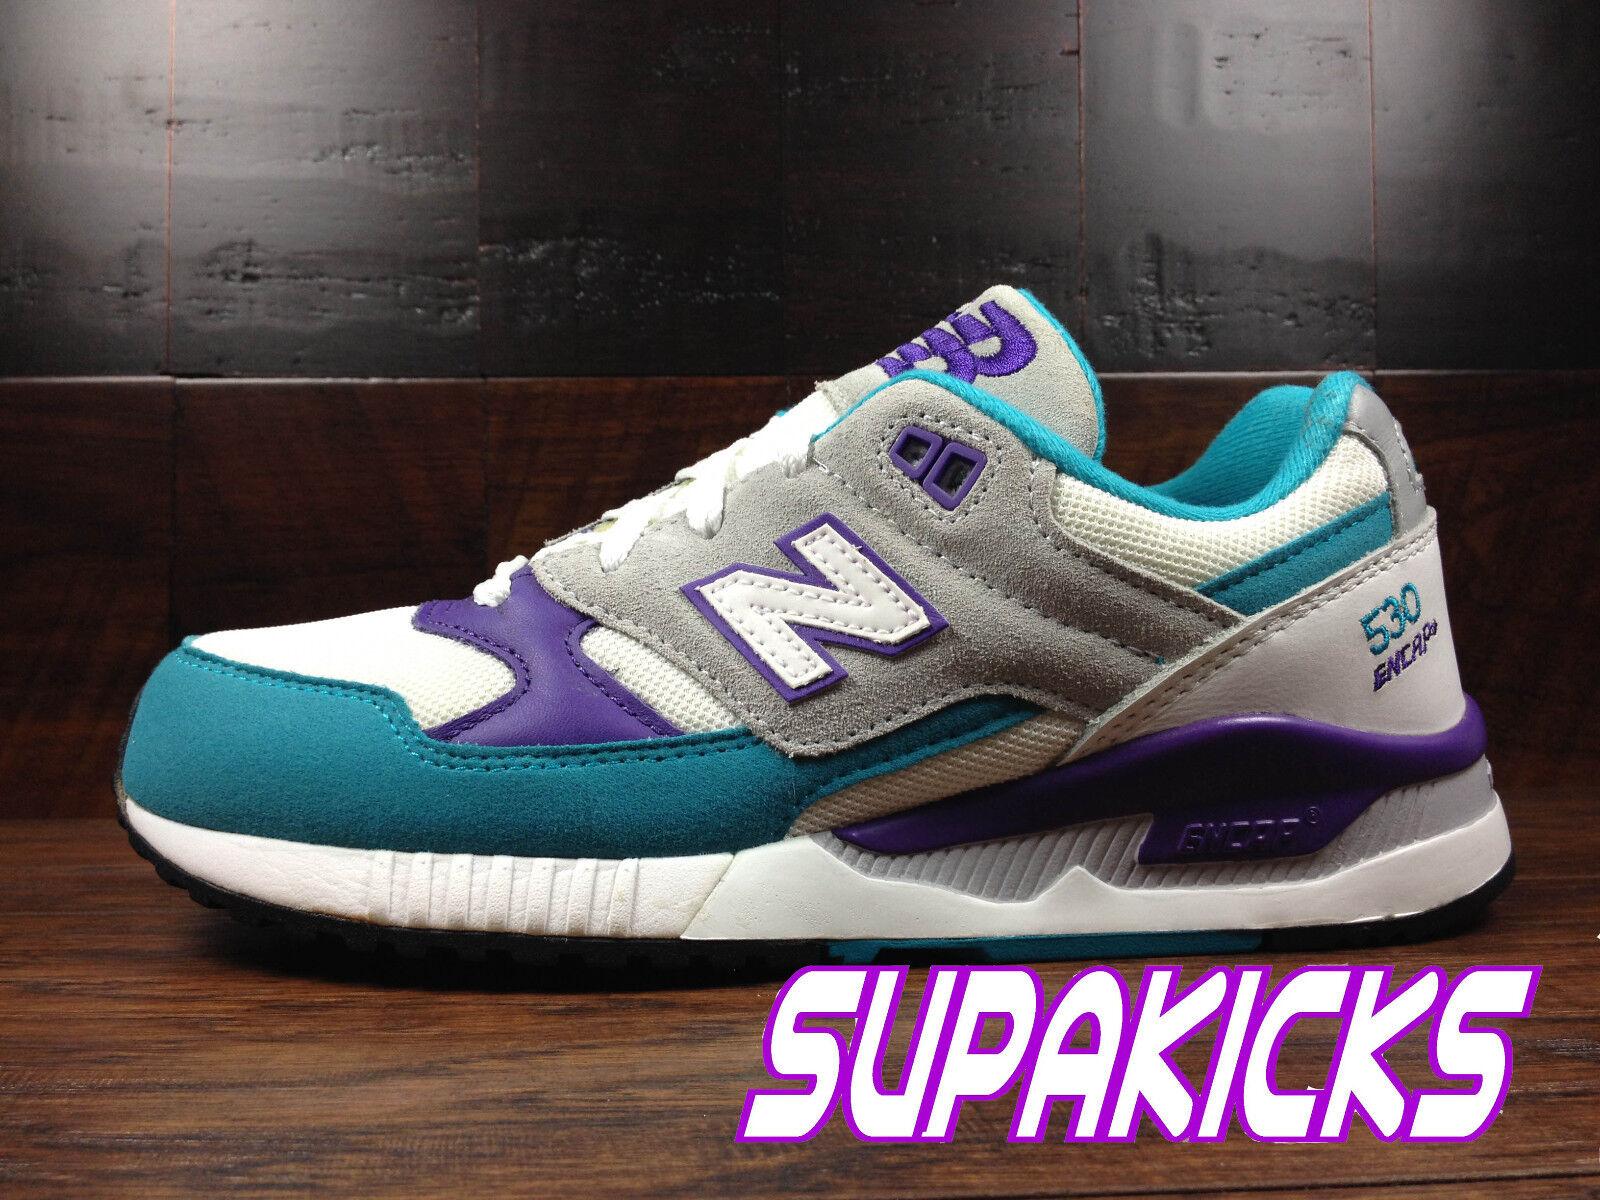 New Balance Damenschuhe (WEISS (W530AAA) 90's Running REMIX (WEISS Damenschuhe / Teal / Purple) Damenschuhe c65d8d